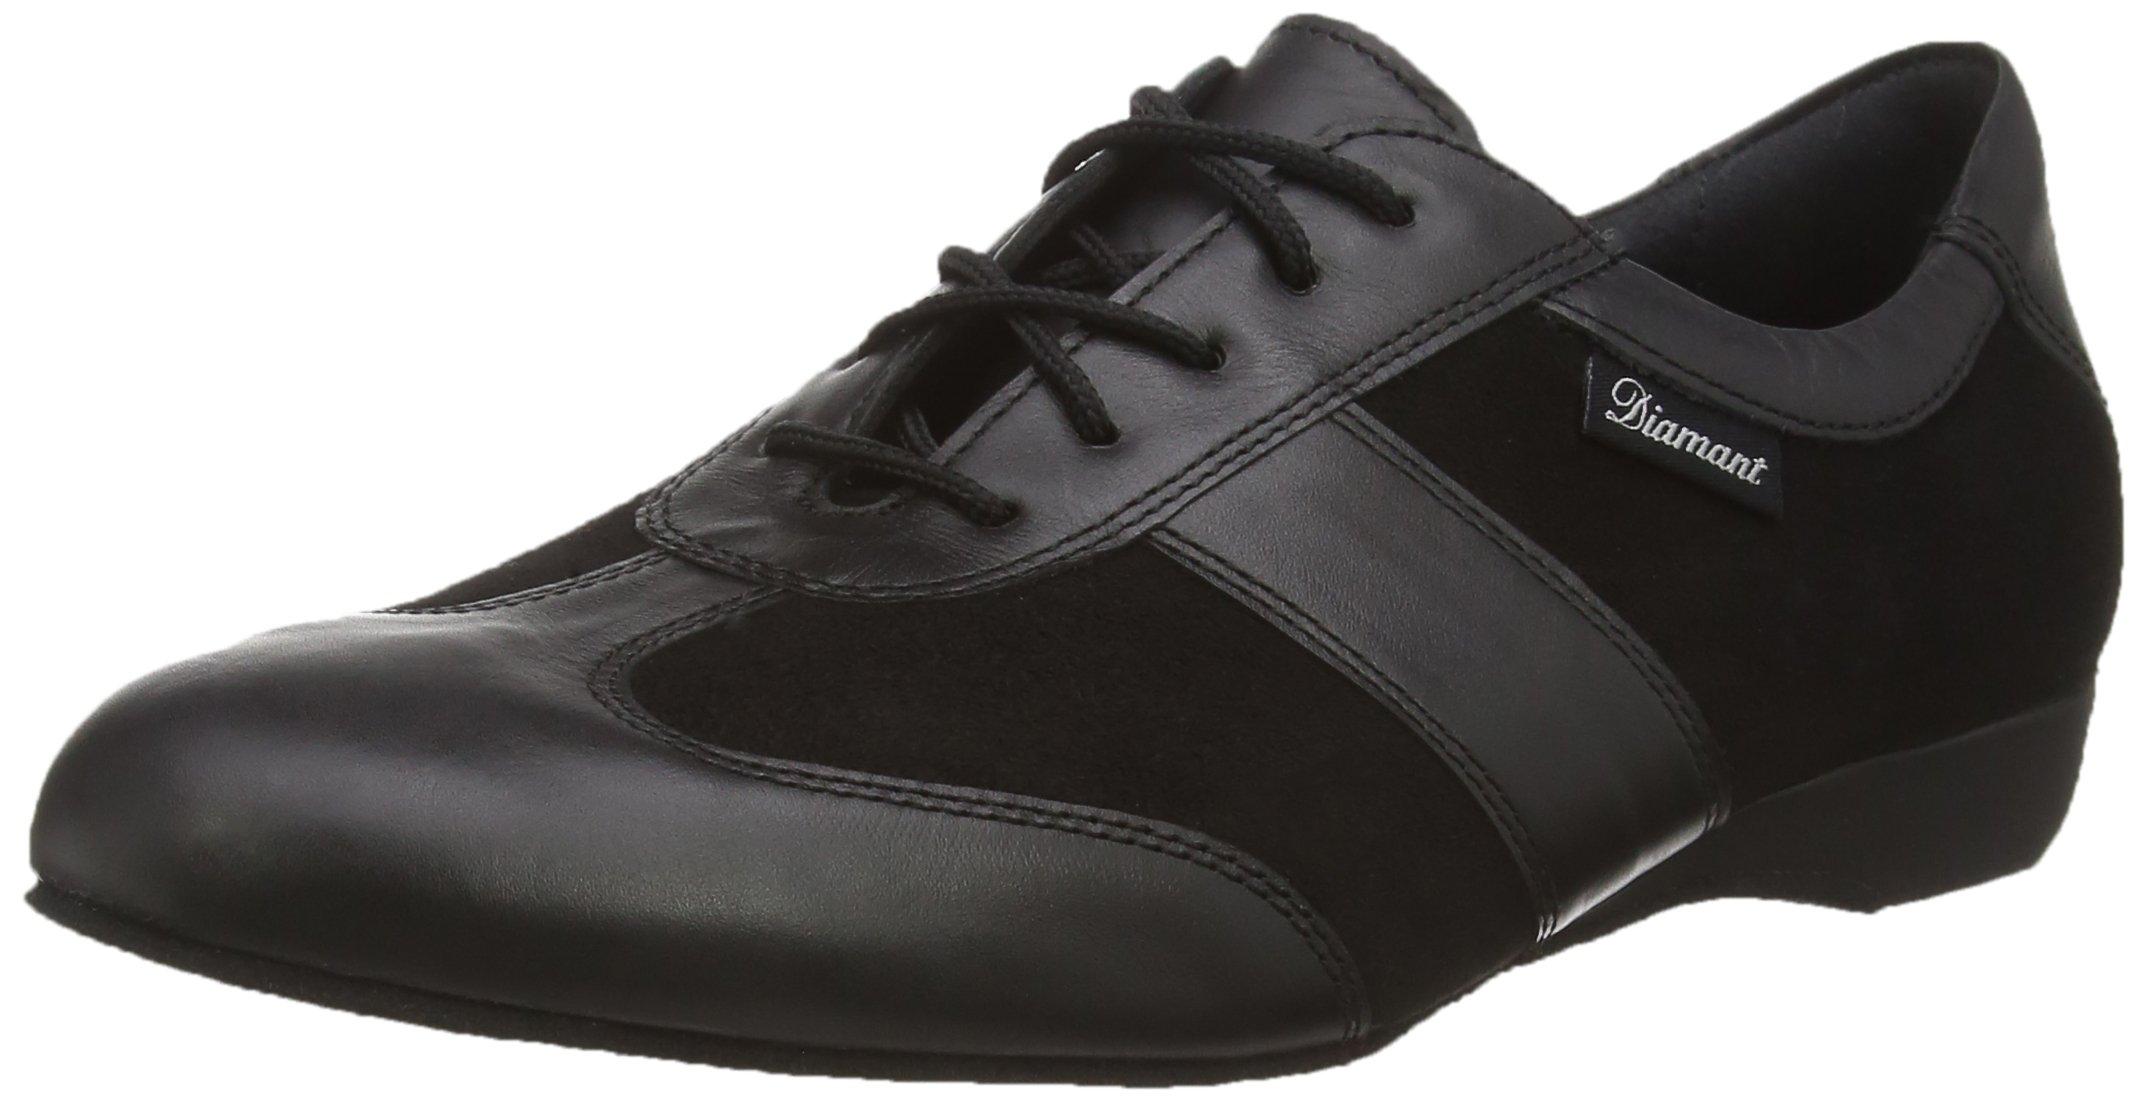 Diamant Men's Model 123 Dance Sneaker- 1'' (2.5 cm) Wedge Heel (Wide - H Width), 8.5 W US (8 UK)